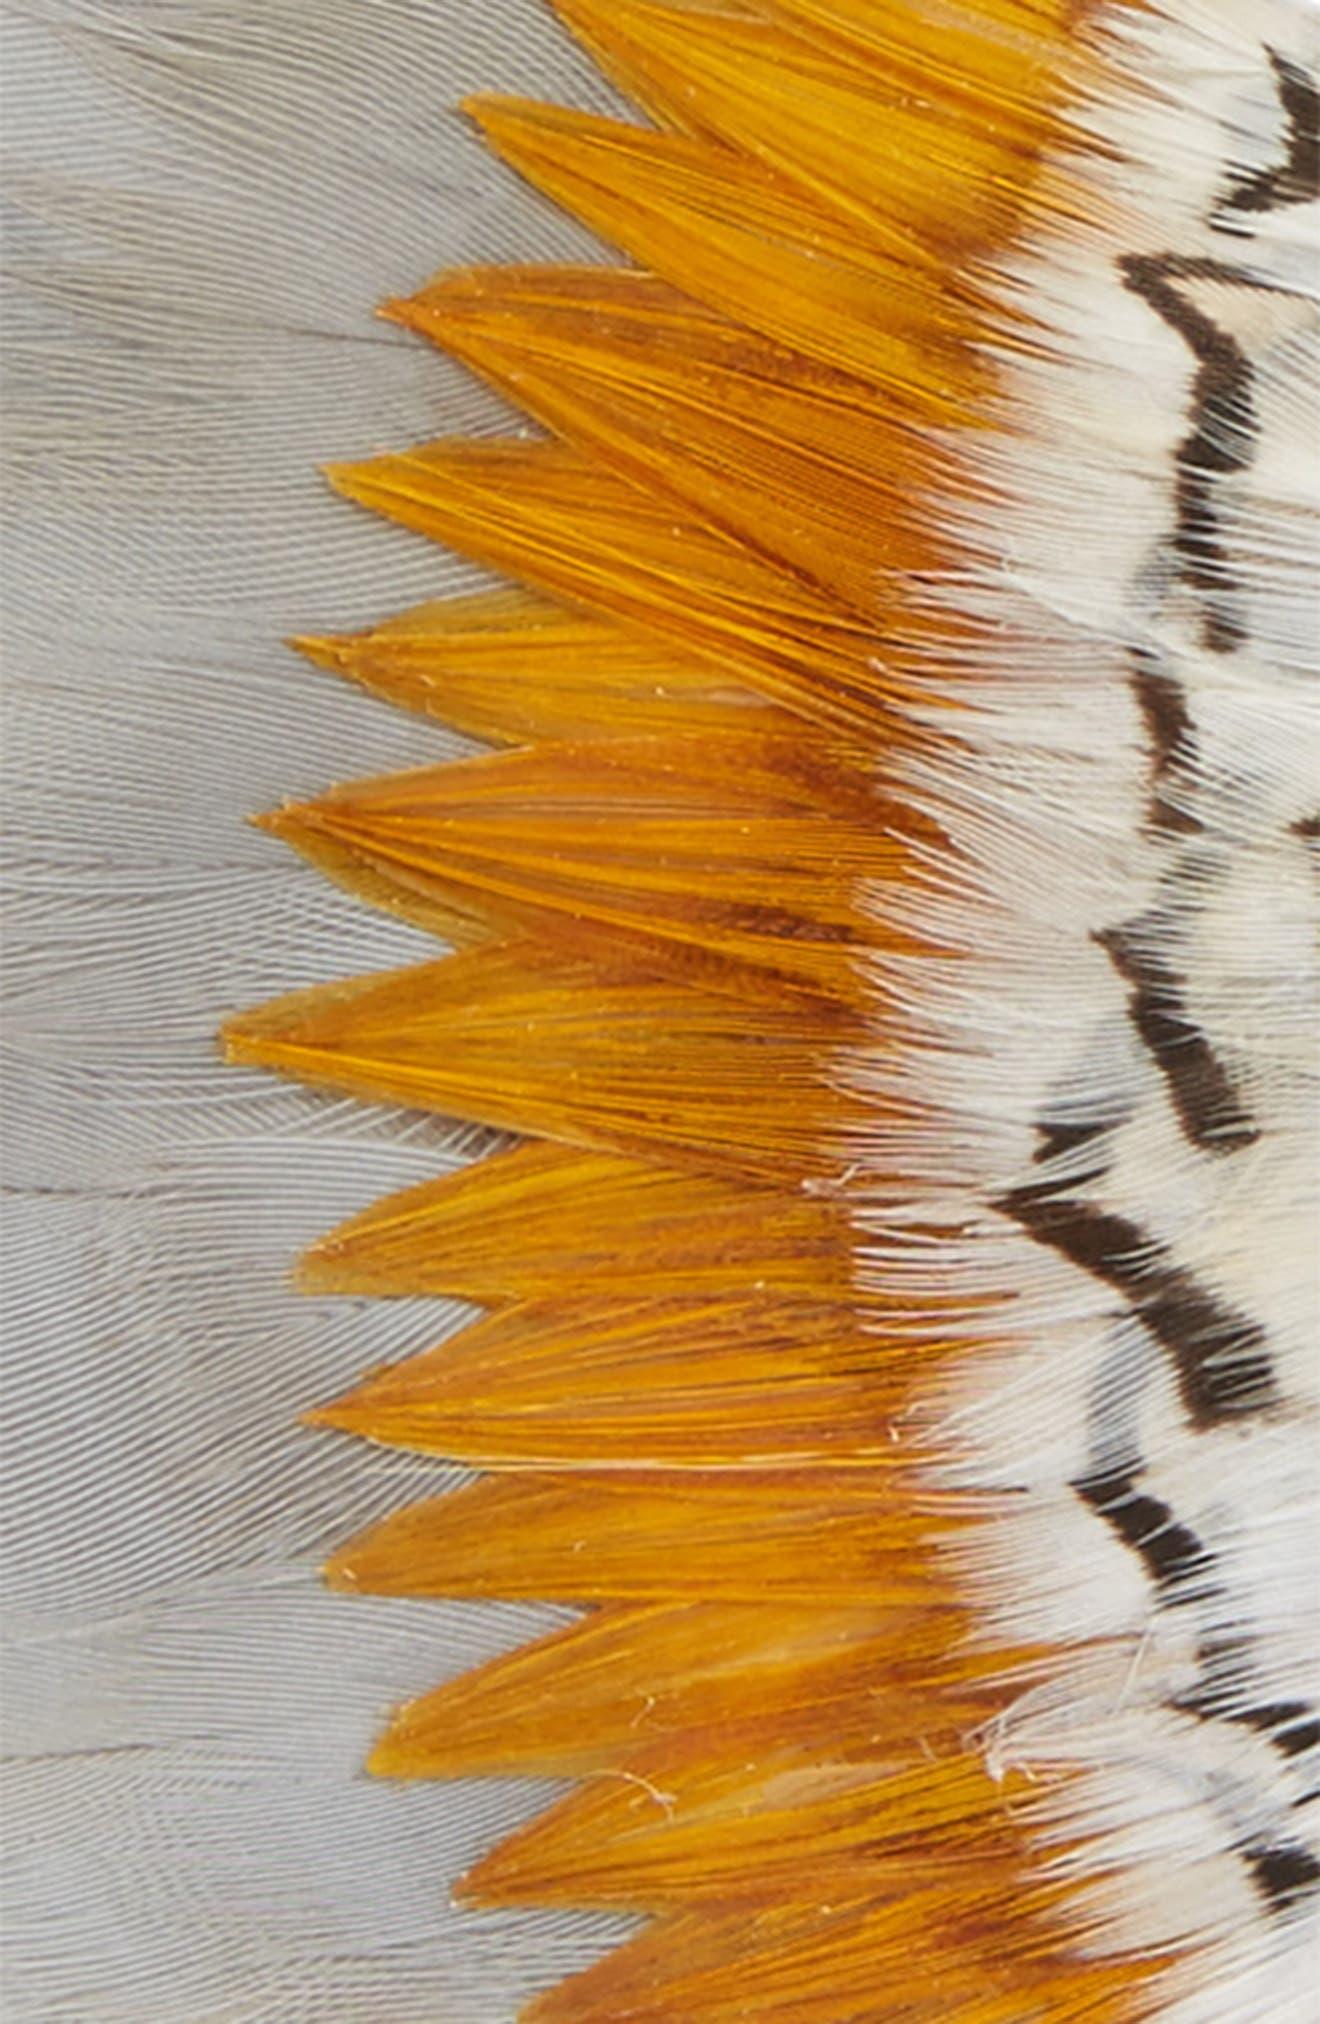 Stono Feather Bow Tie,                             Alternate thumbnail 2, color,                             YELLOW/ GREY